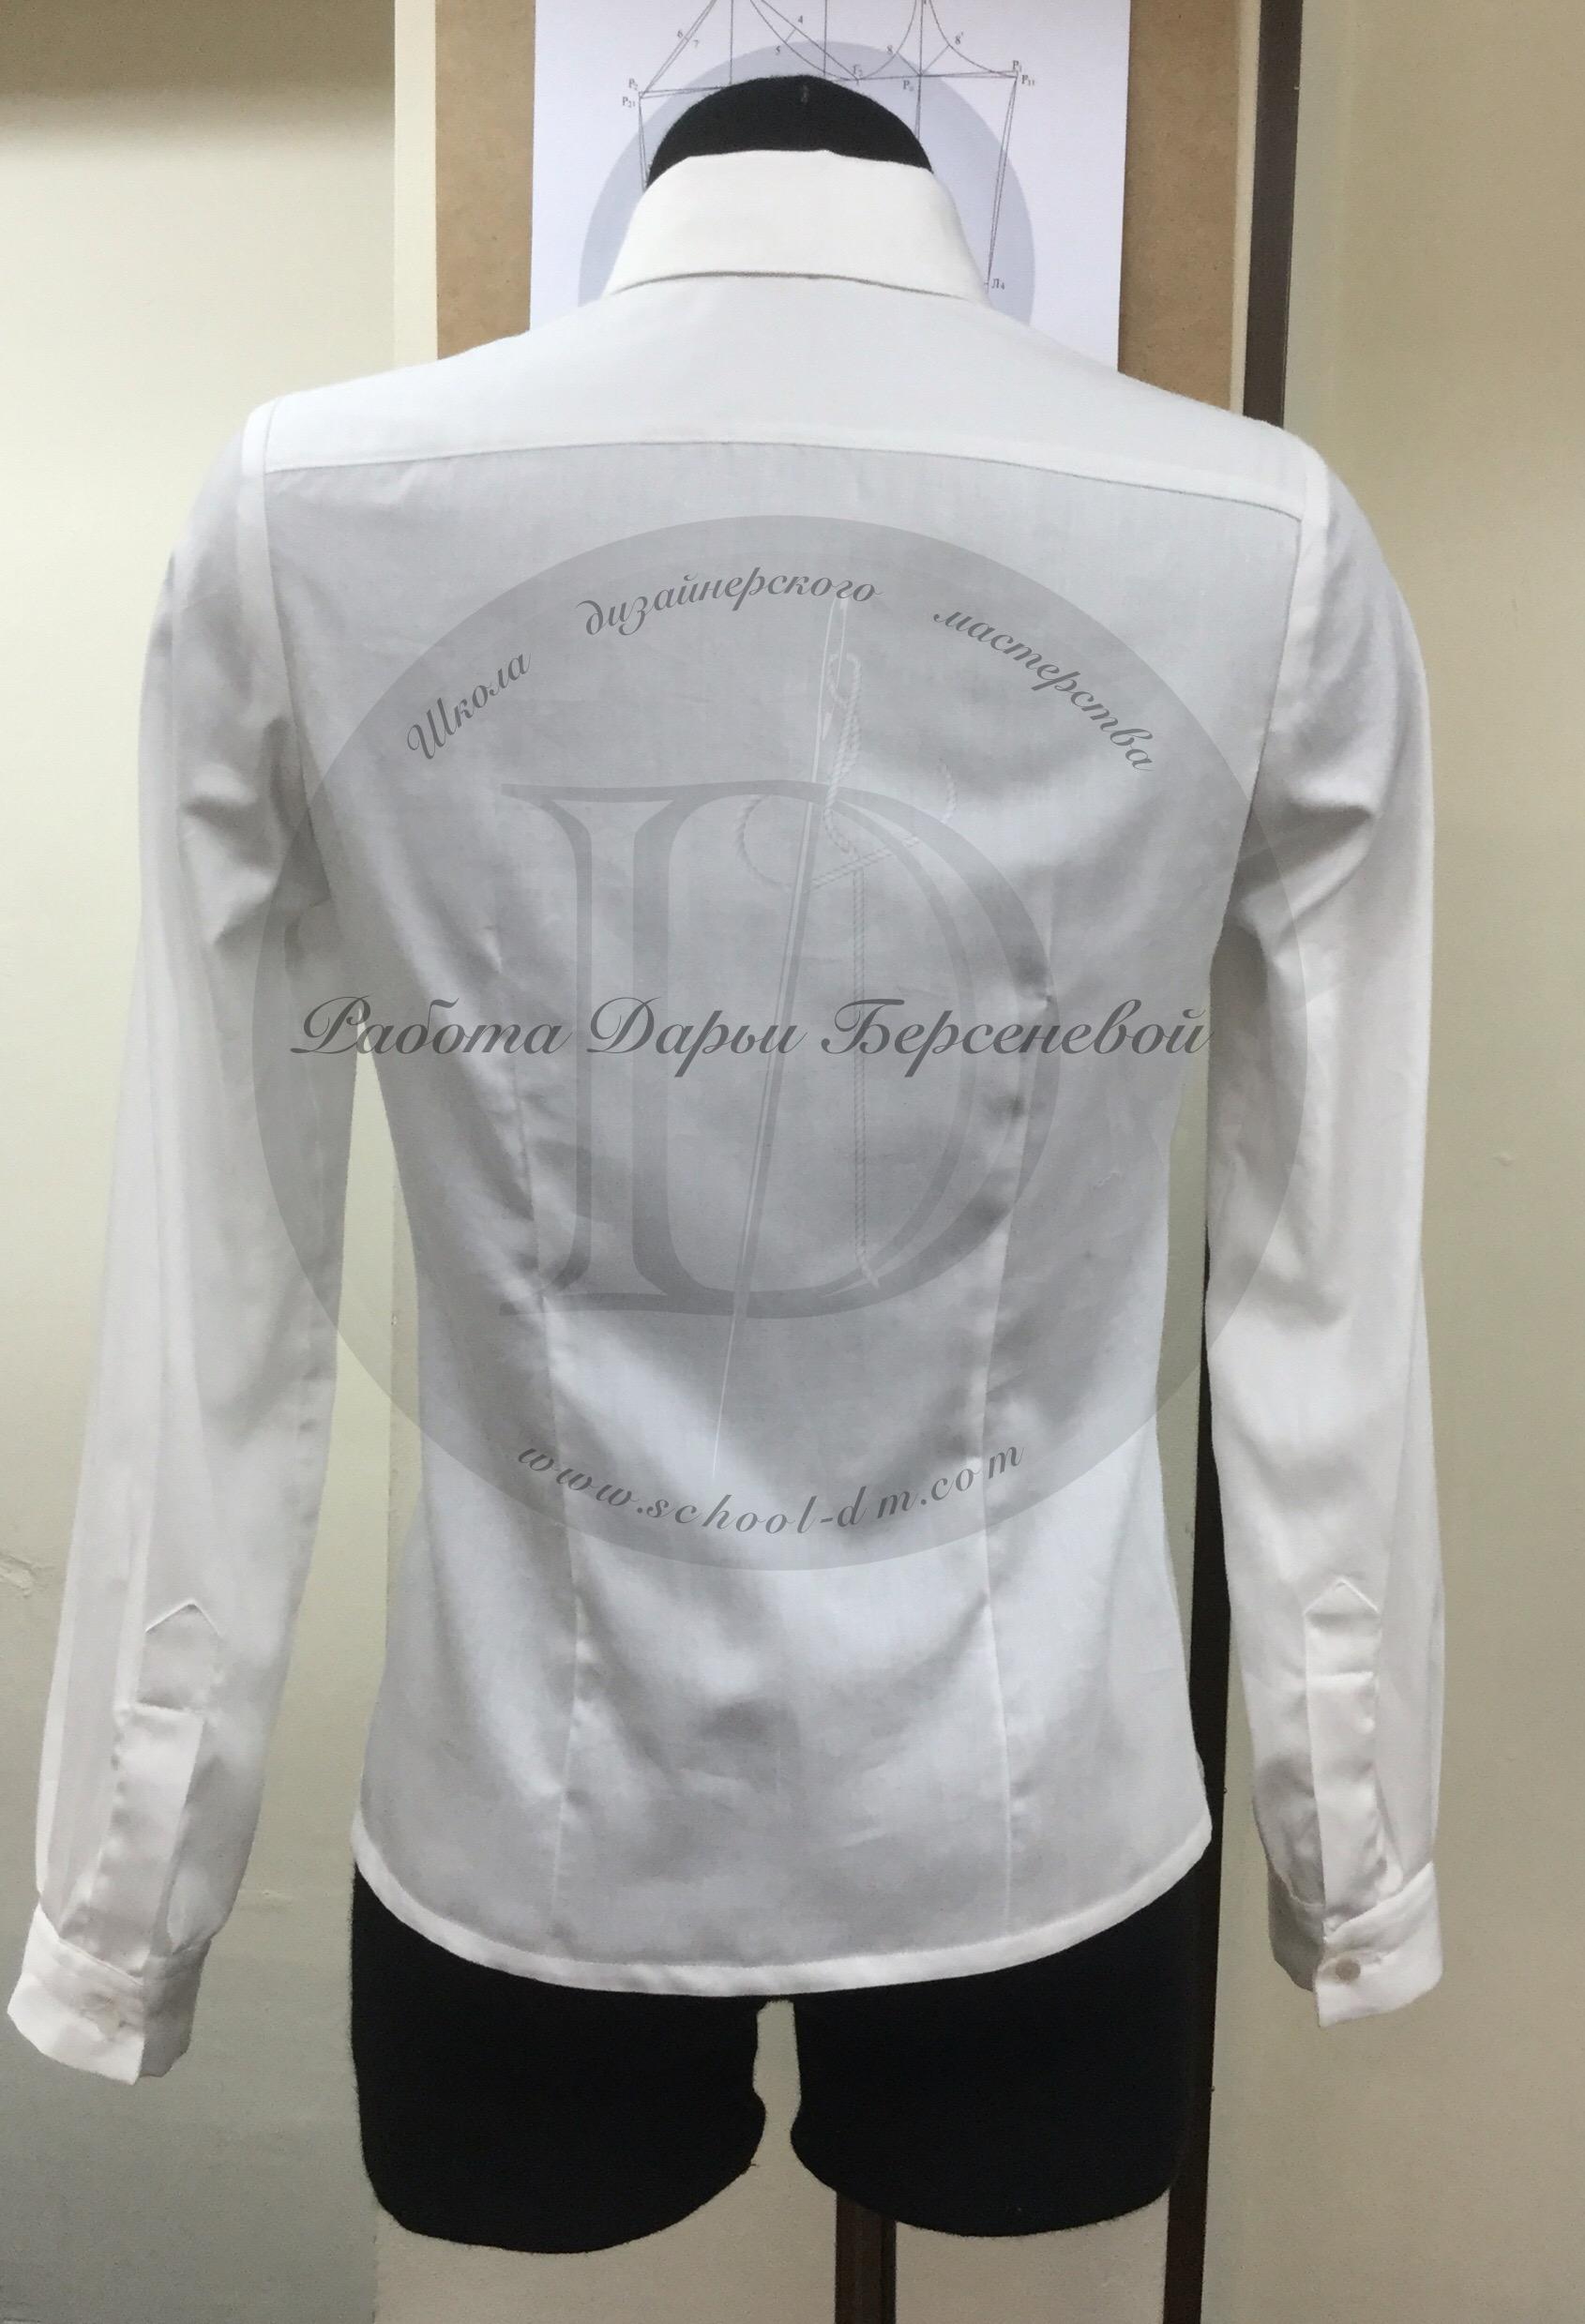 Школа дизайнерского мастерства, курсы кройки и шитья, женская блузка